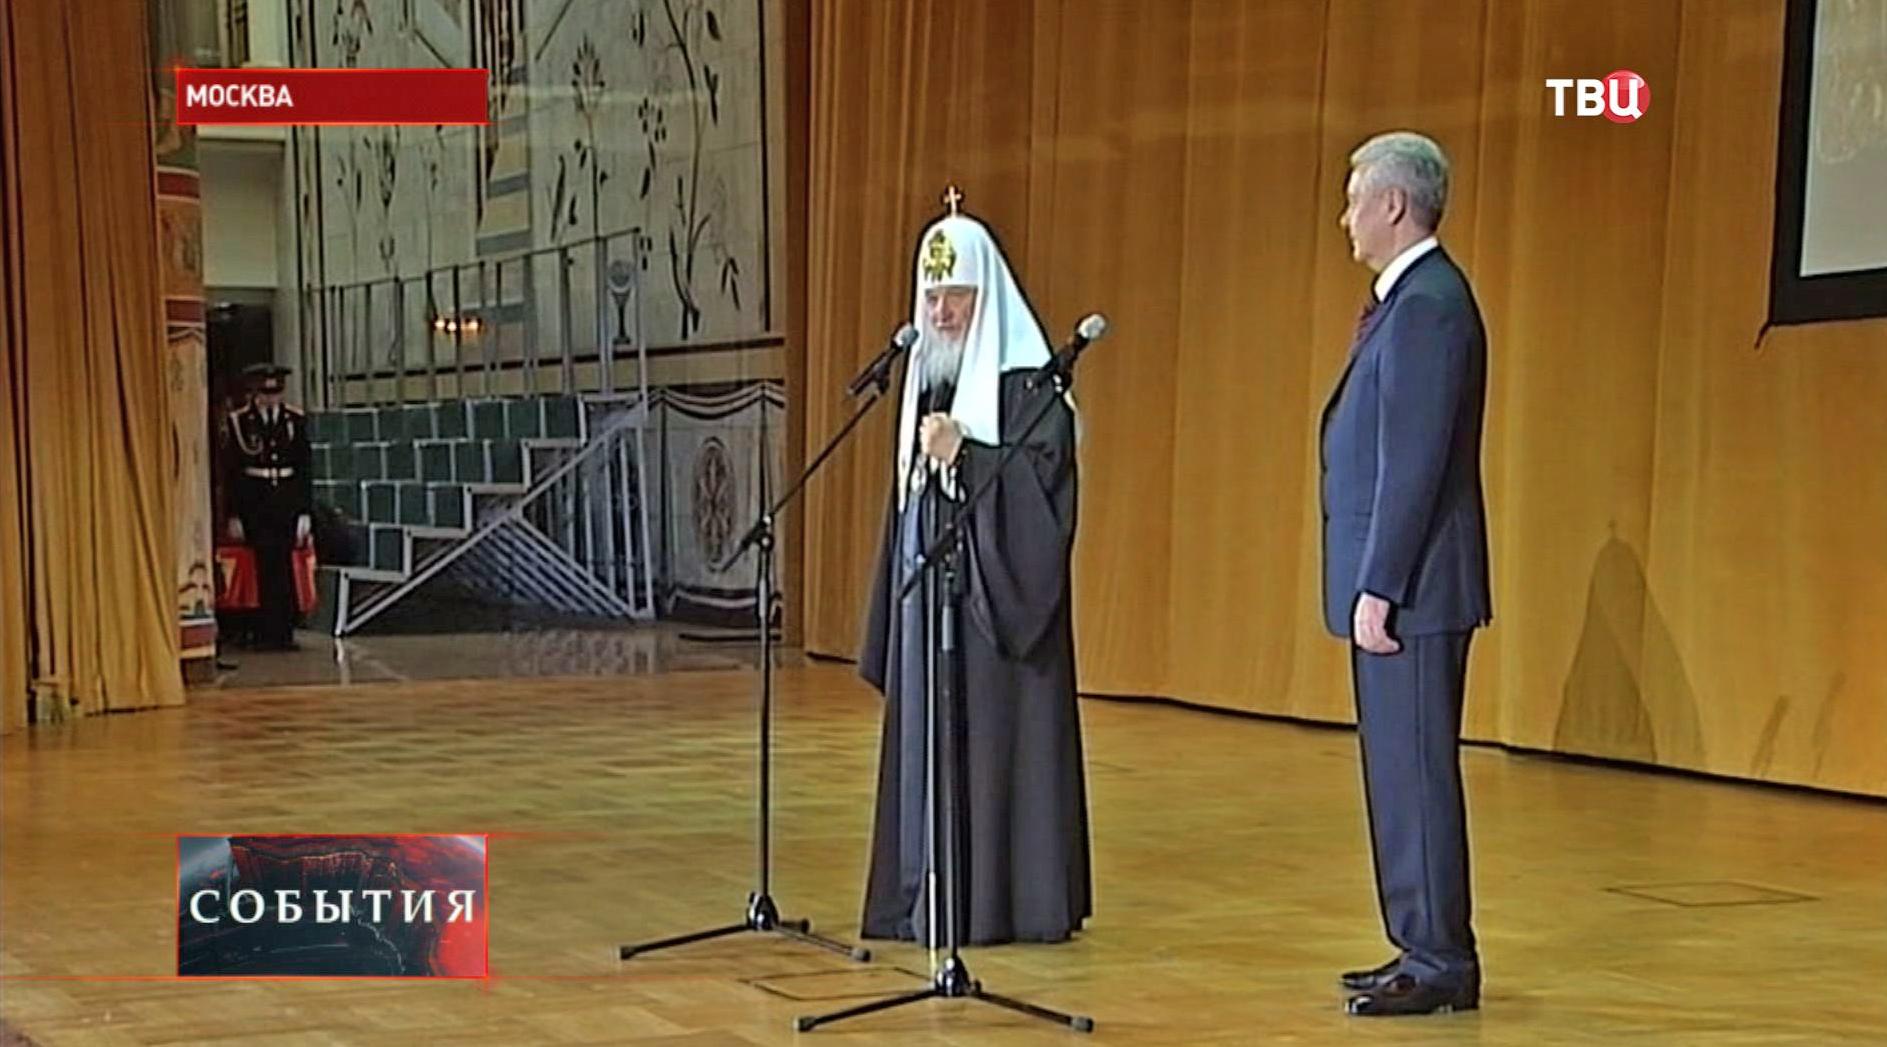 Патриарх Кирилл и Сергей Собянин